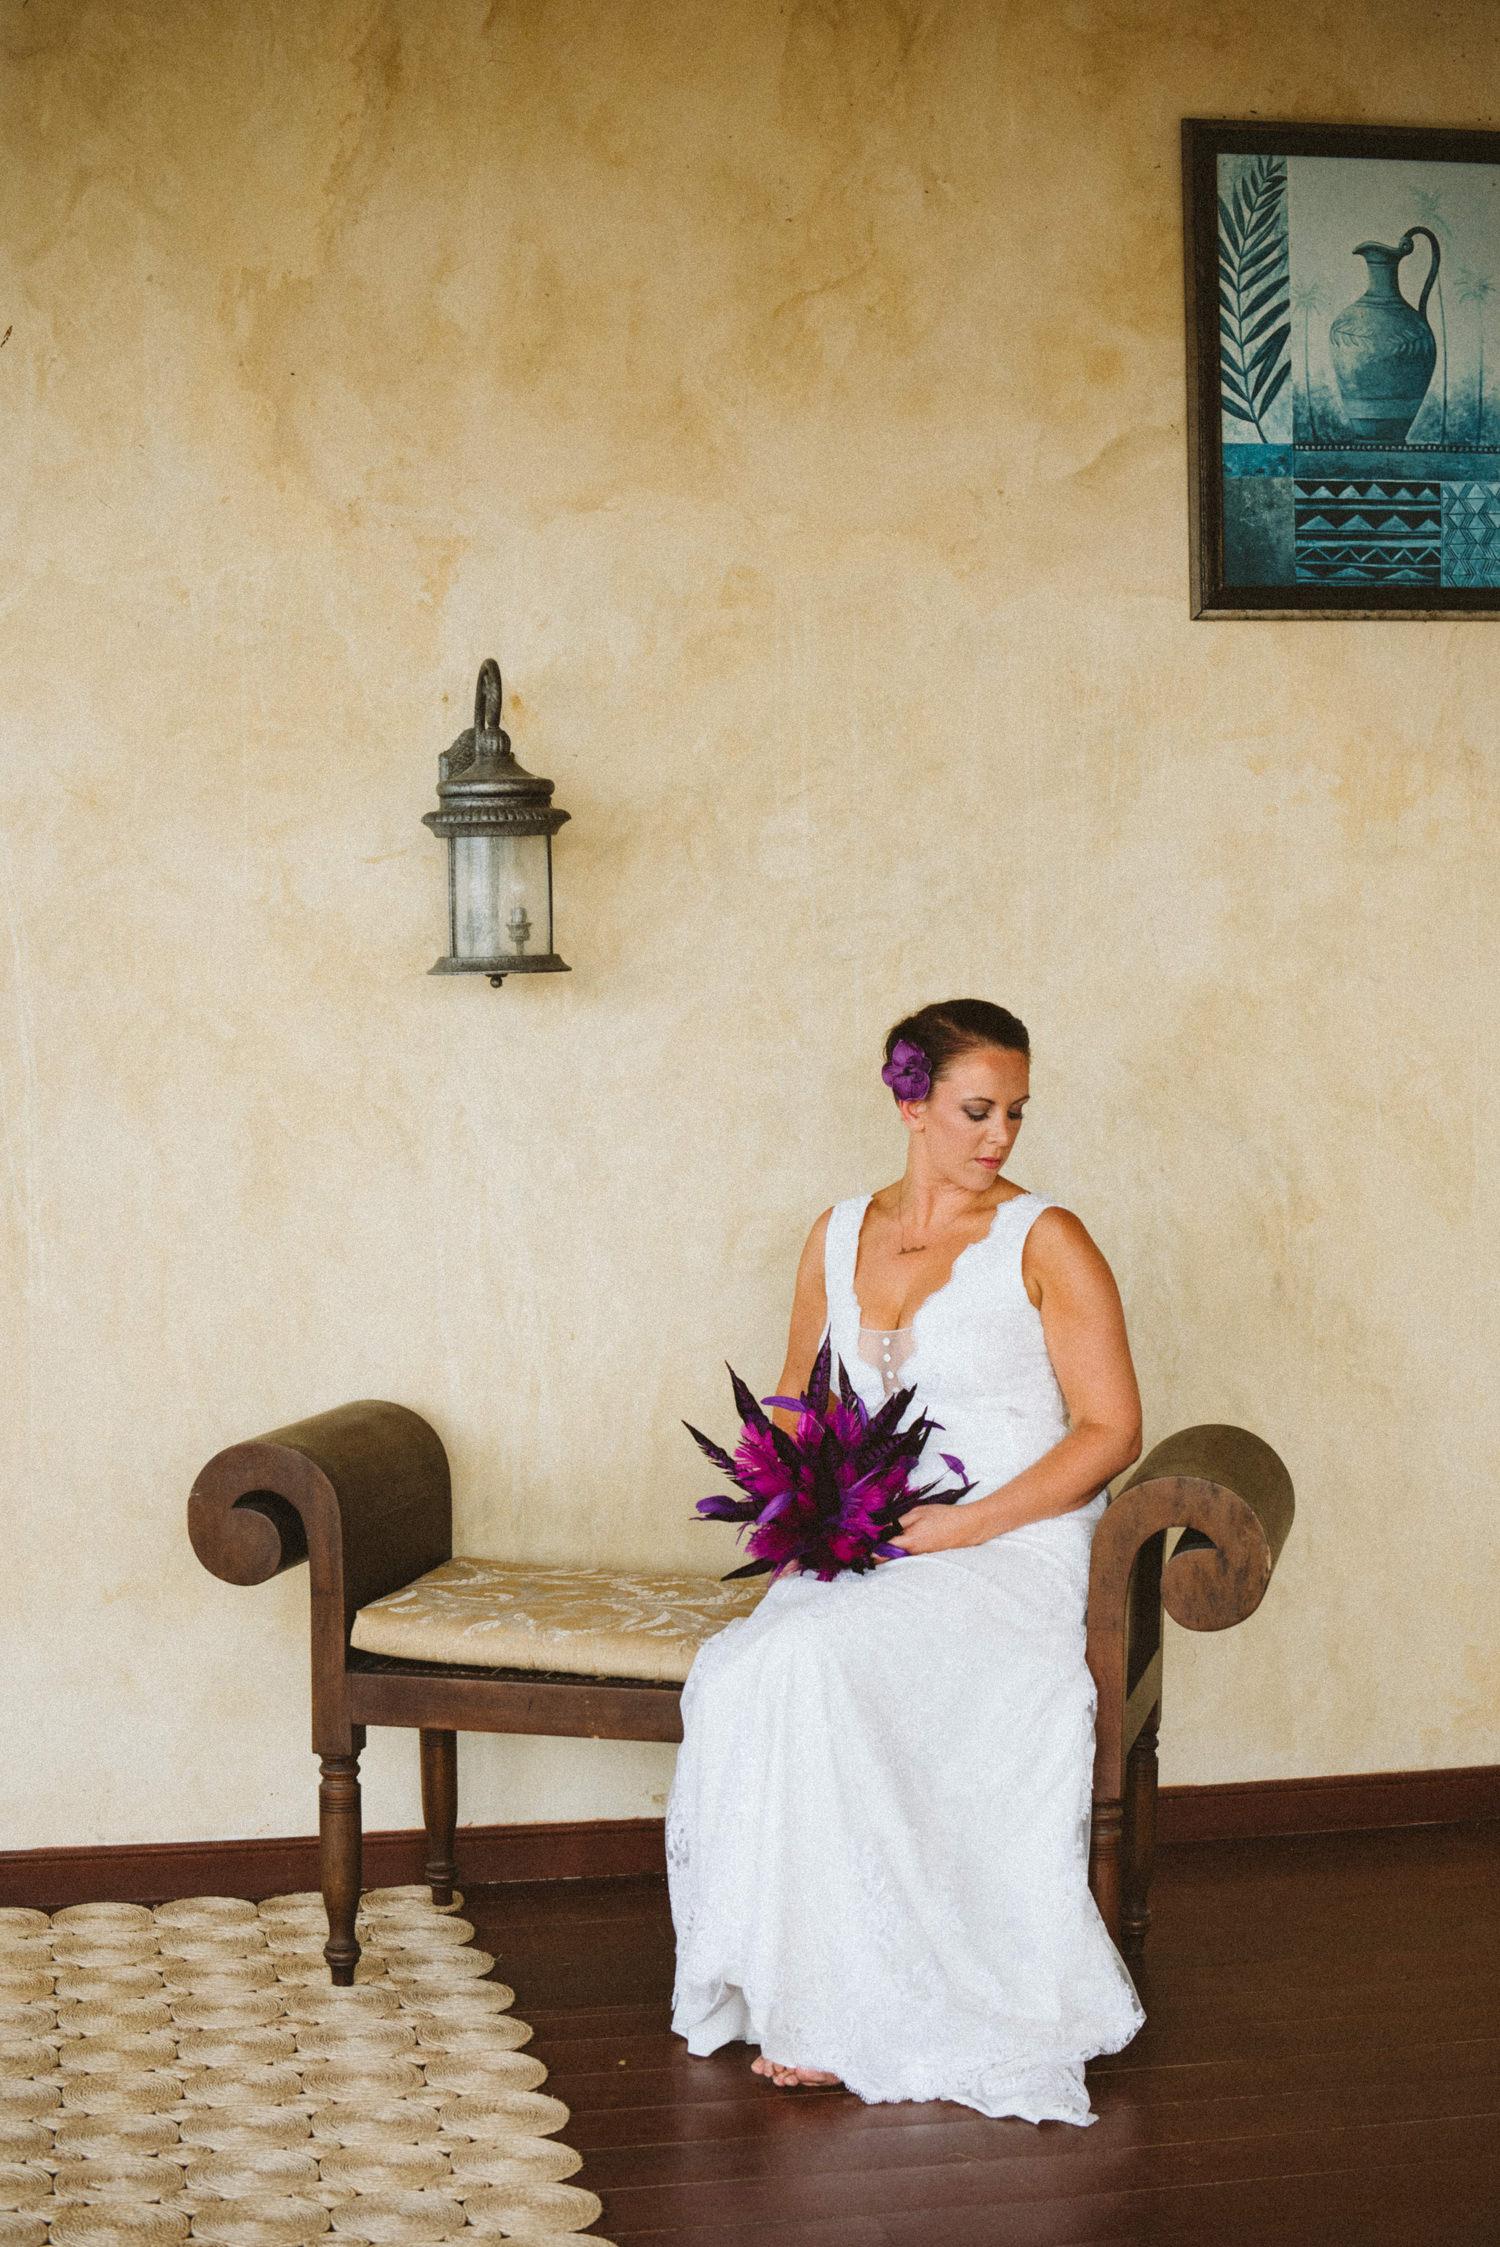 Bride pre-wedding Tobago wedding photographer Babb photo